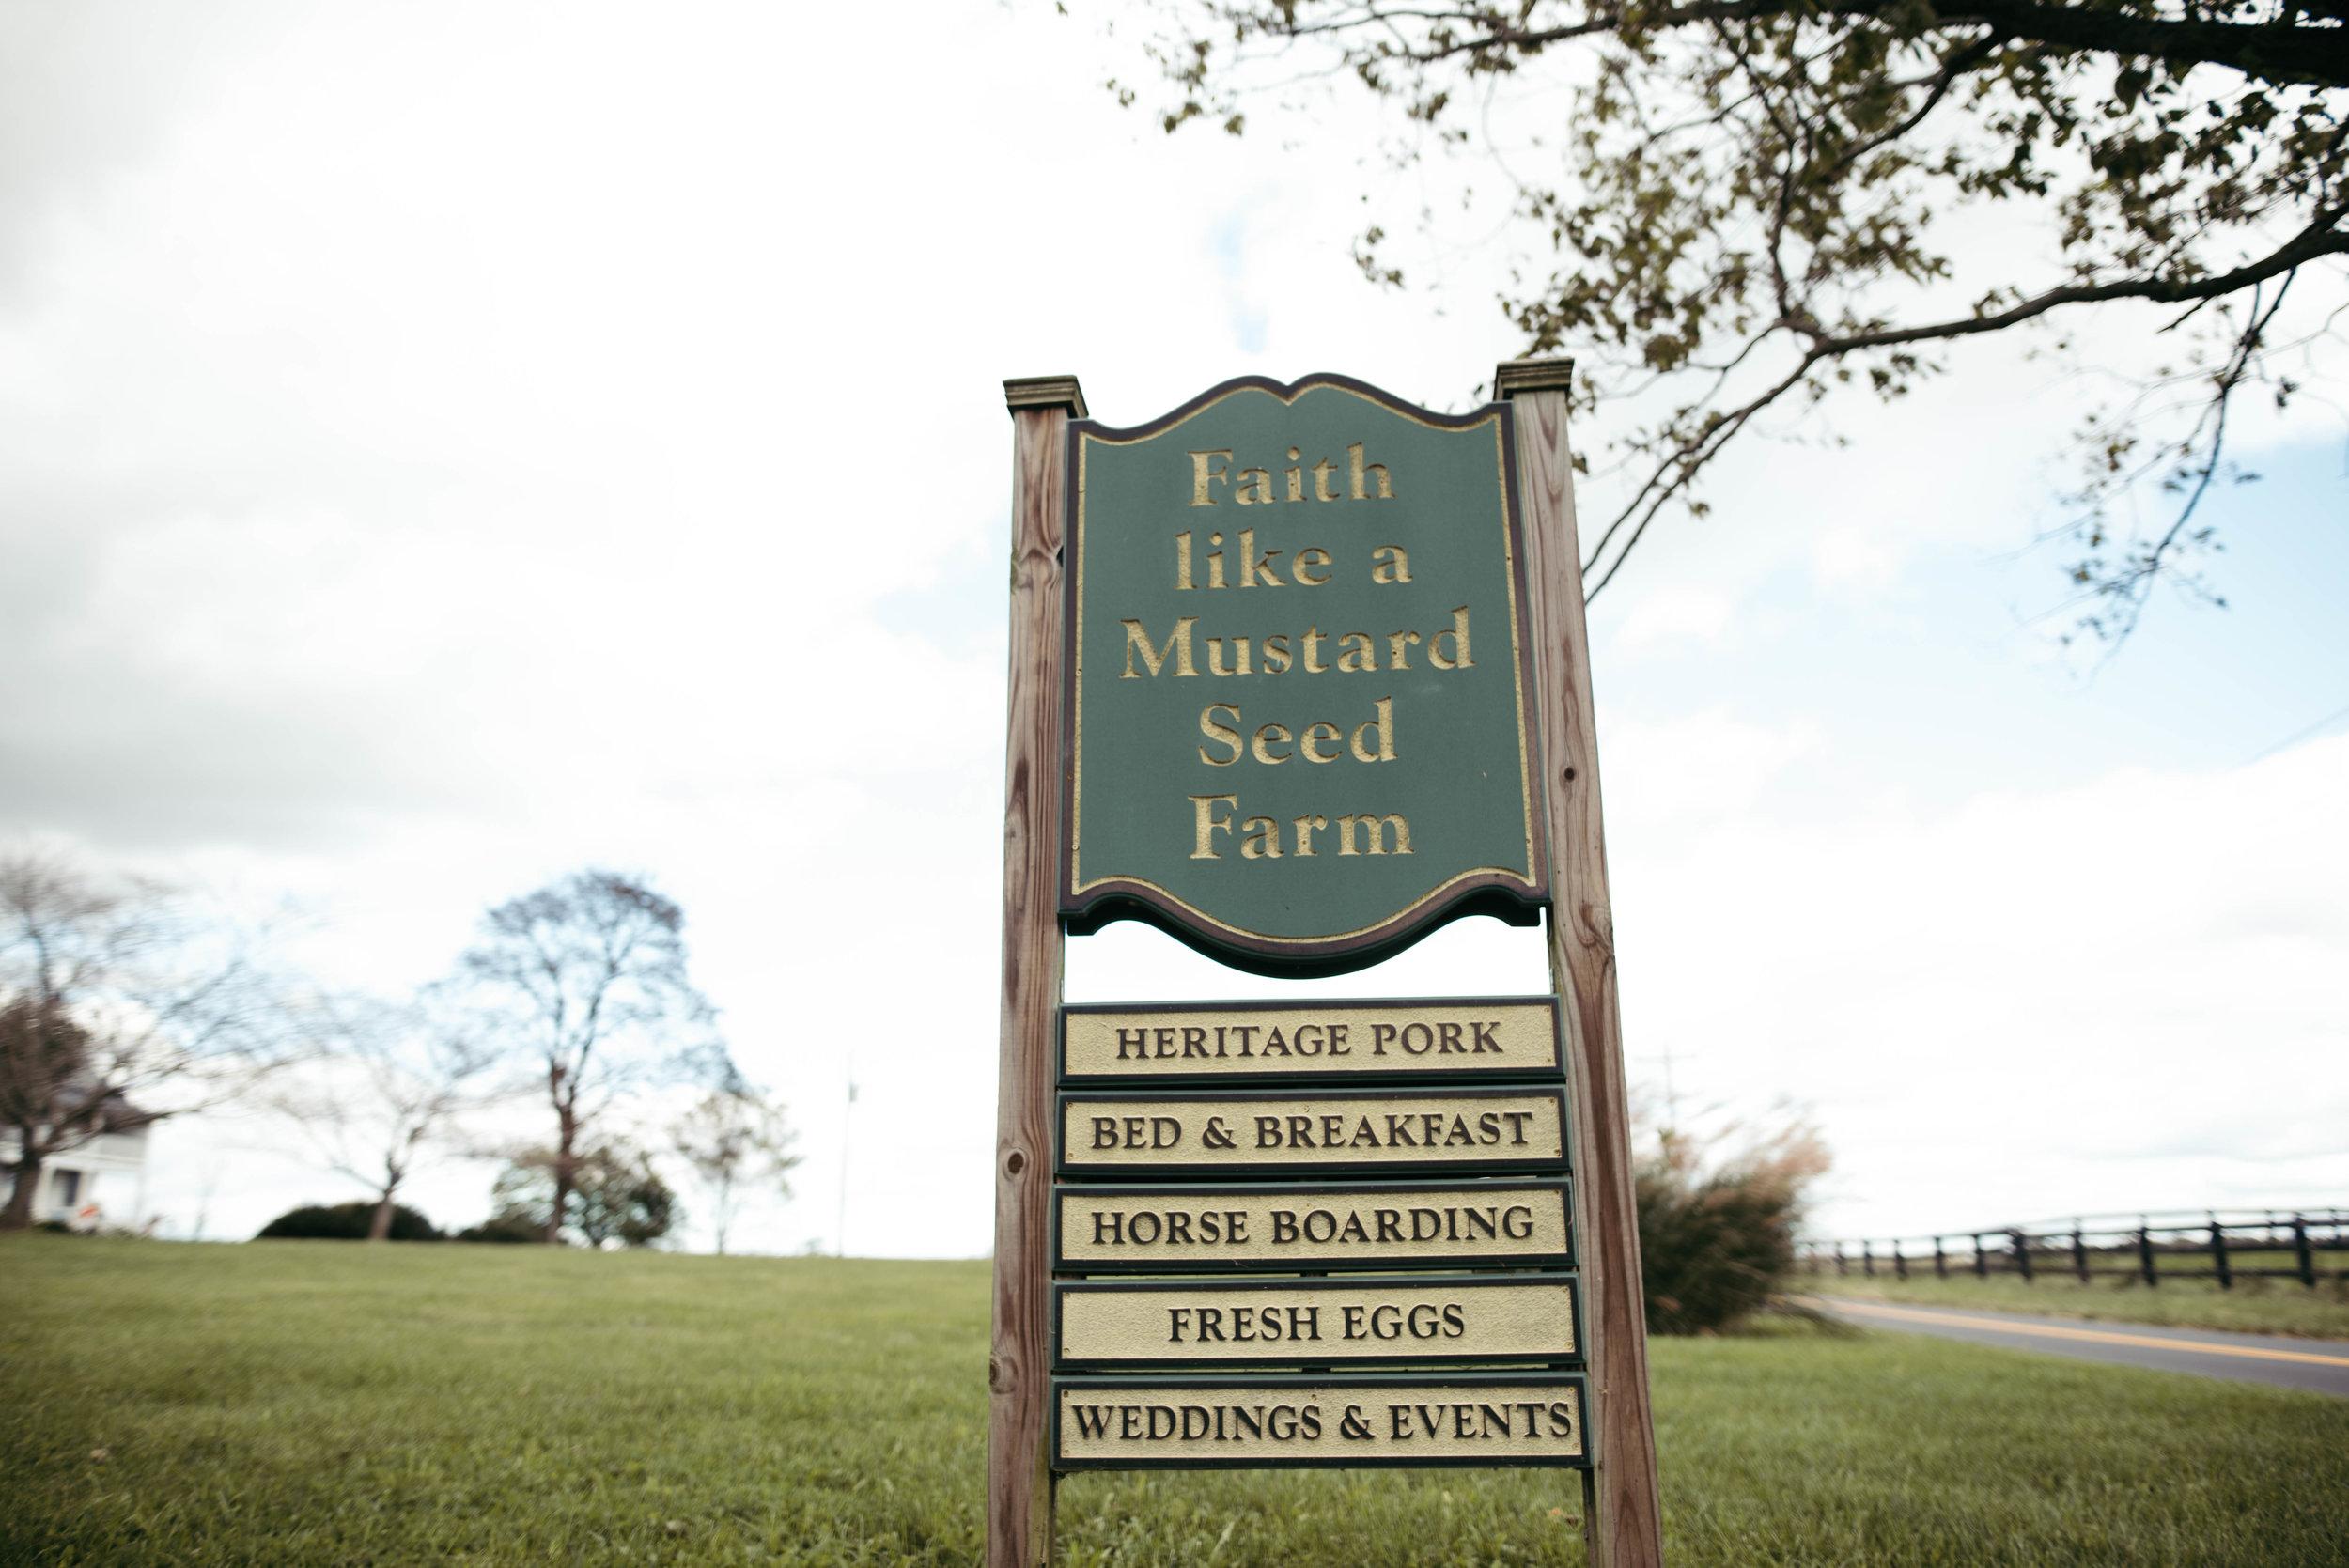 Faith like a mustard seed farm wedding-11.jpg